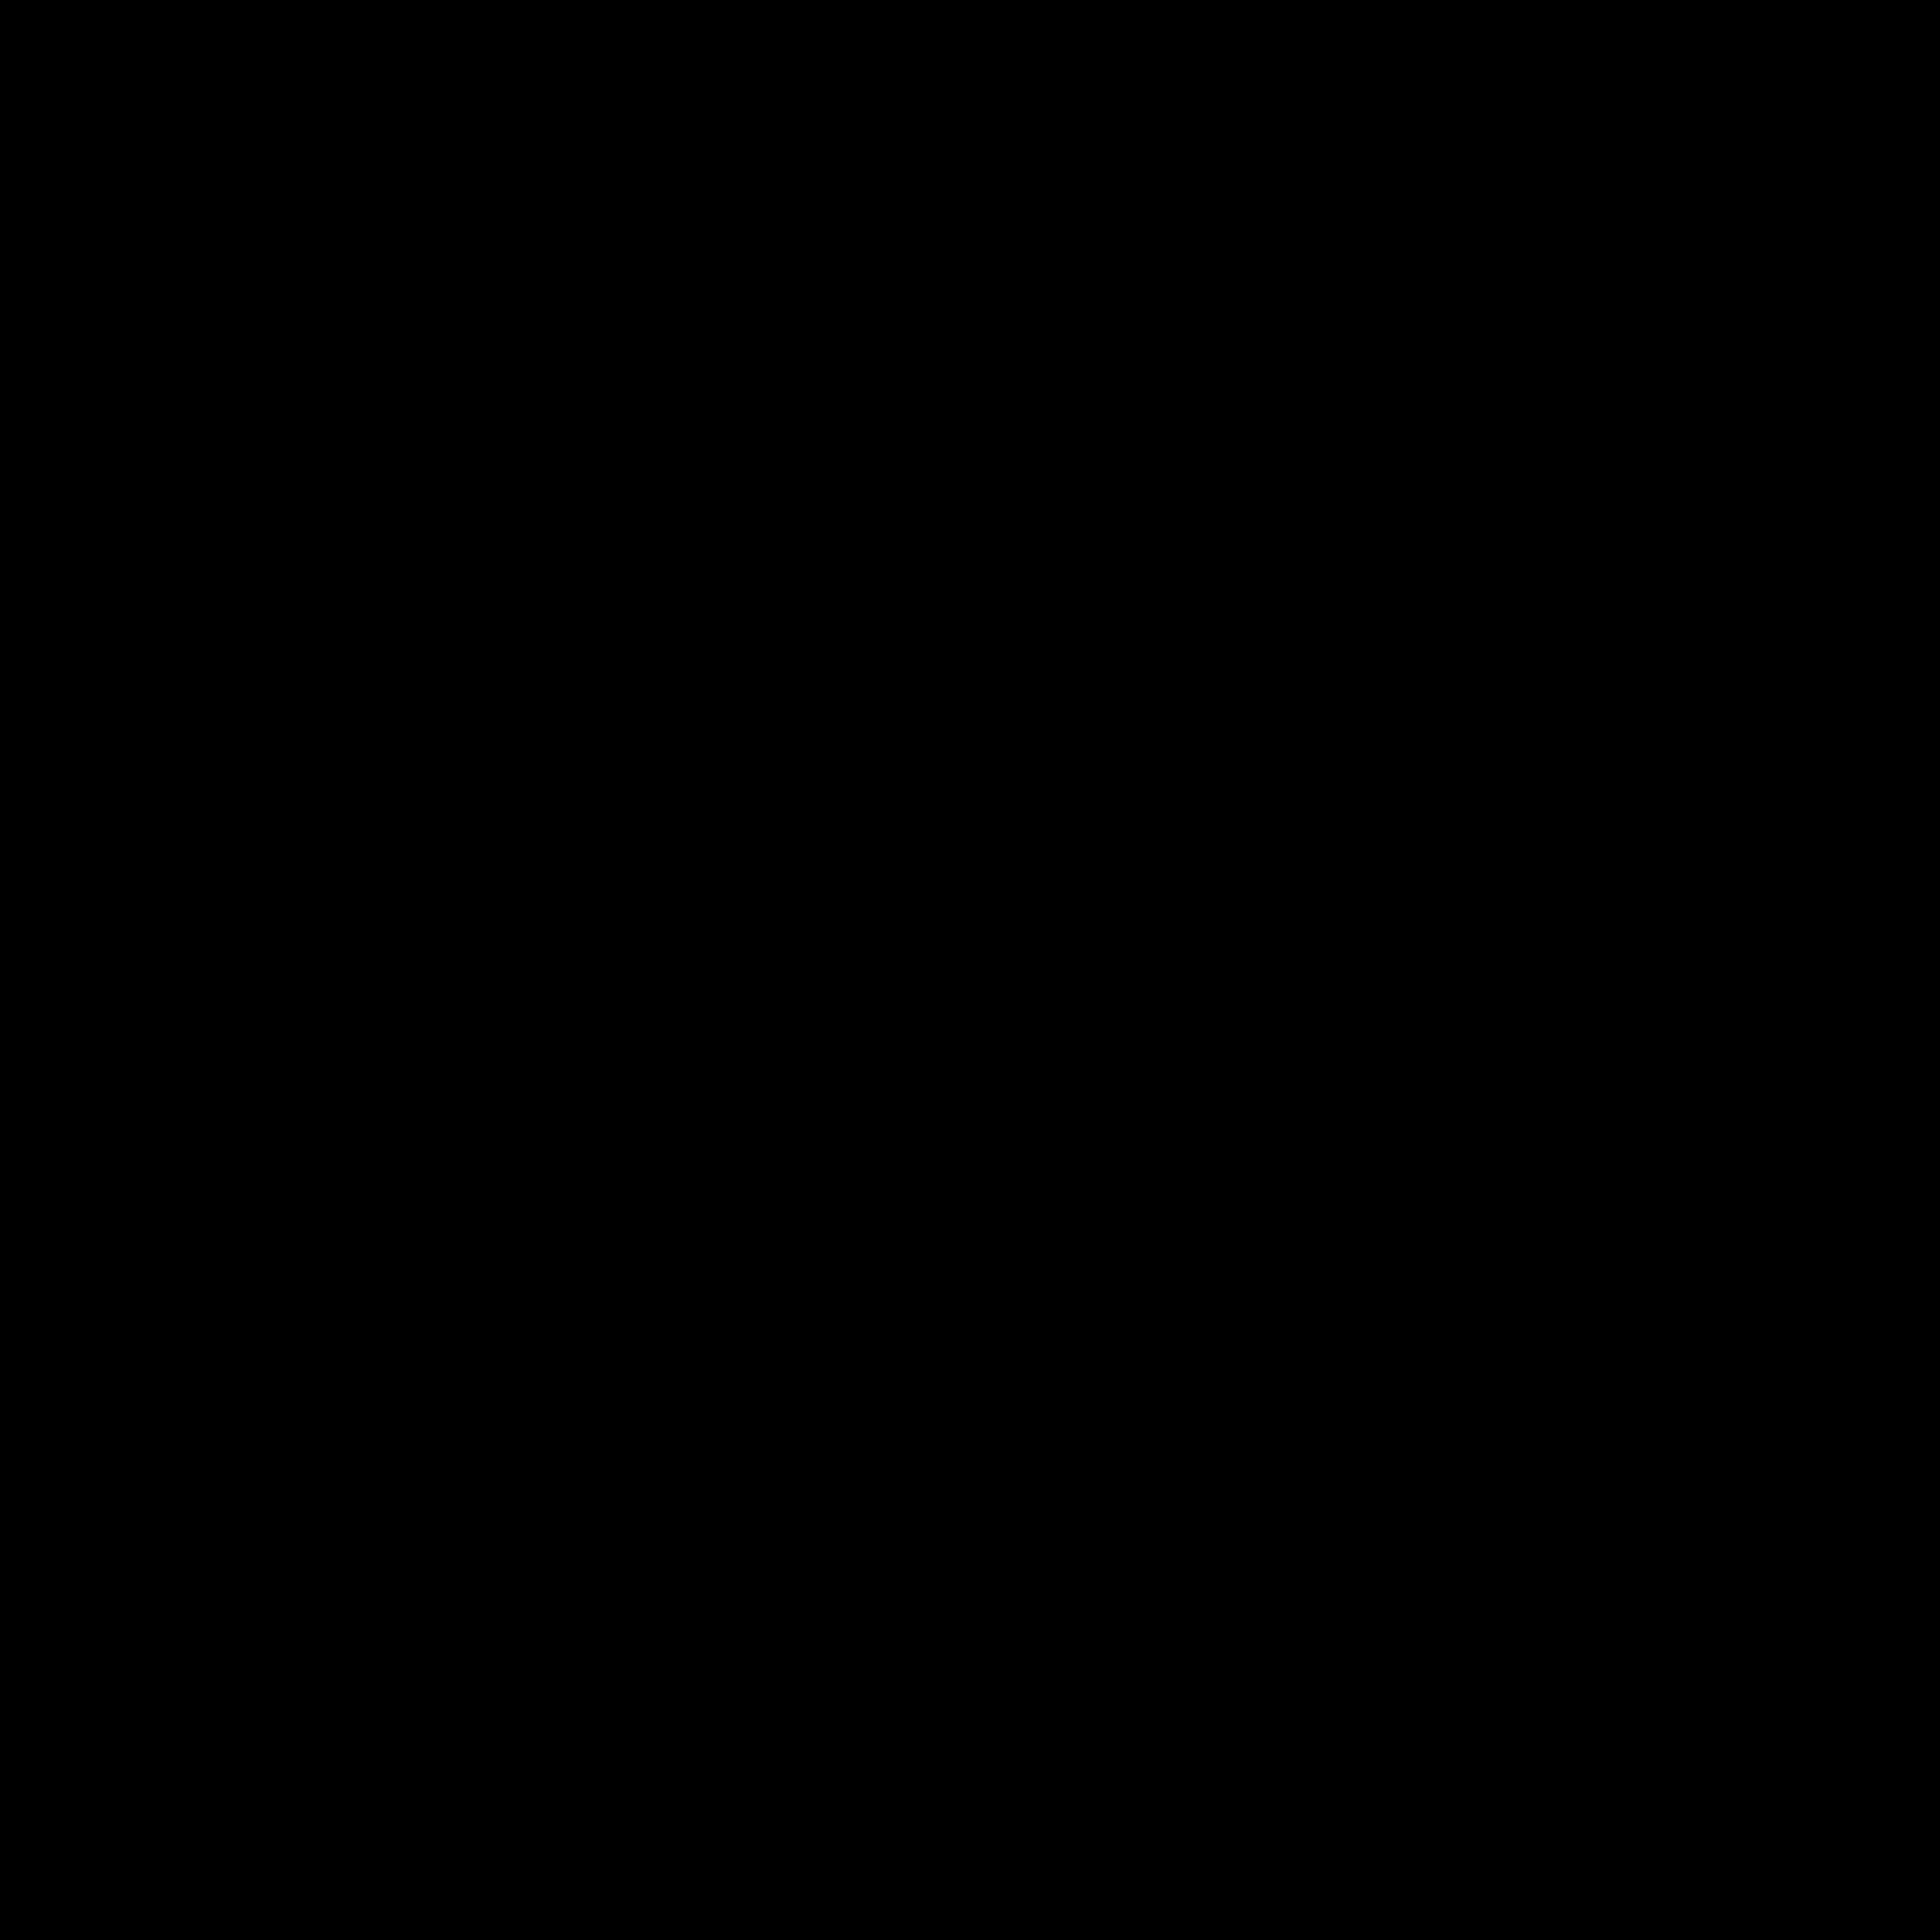 William Morris Letter V Png Png Image 2400 2400 Pixels Scaled 29 Initial Art William Morris Lettering Alphabet